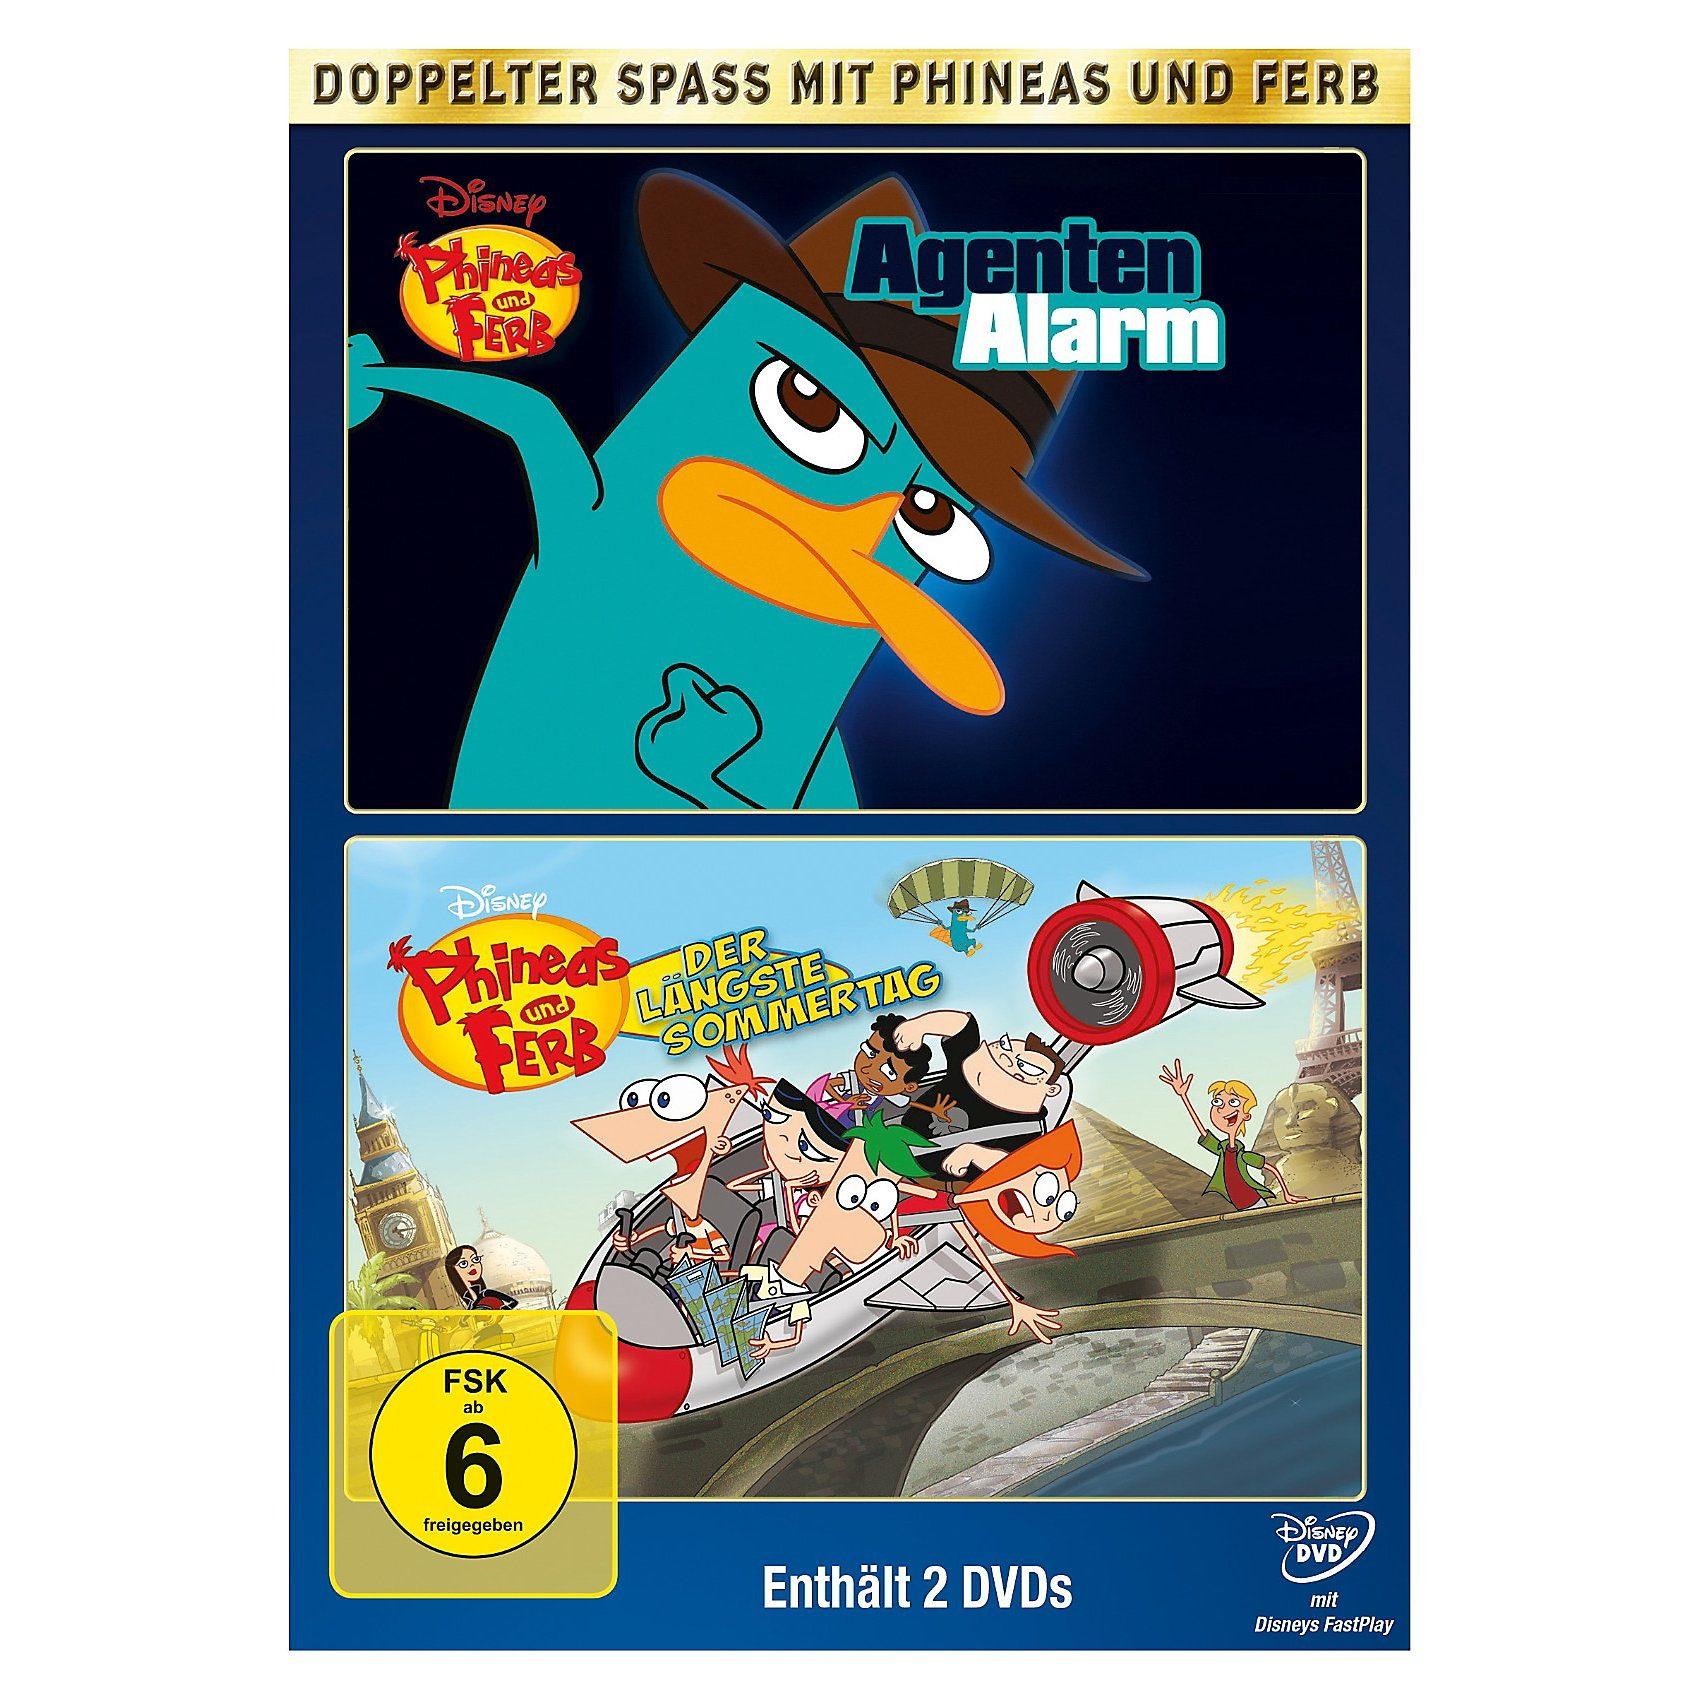 Disney DVD DVD Disney Phineas und Ferb Doppelpack: Agenten Alarm & Vol